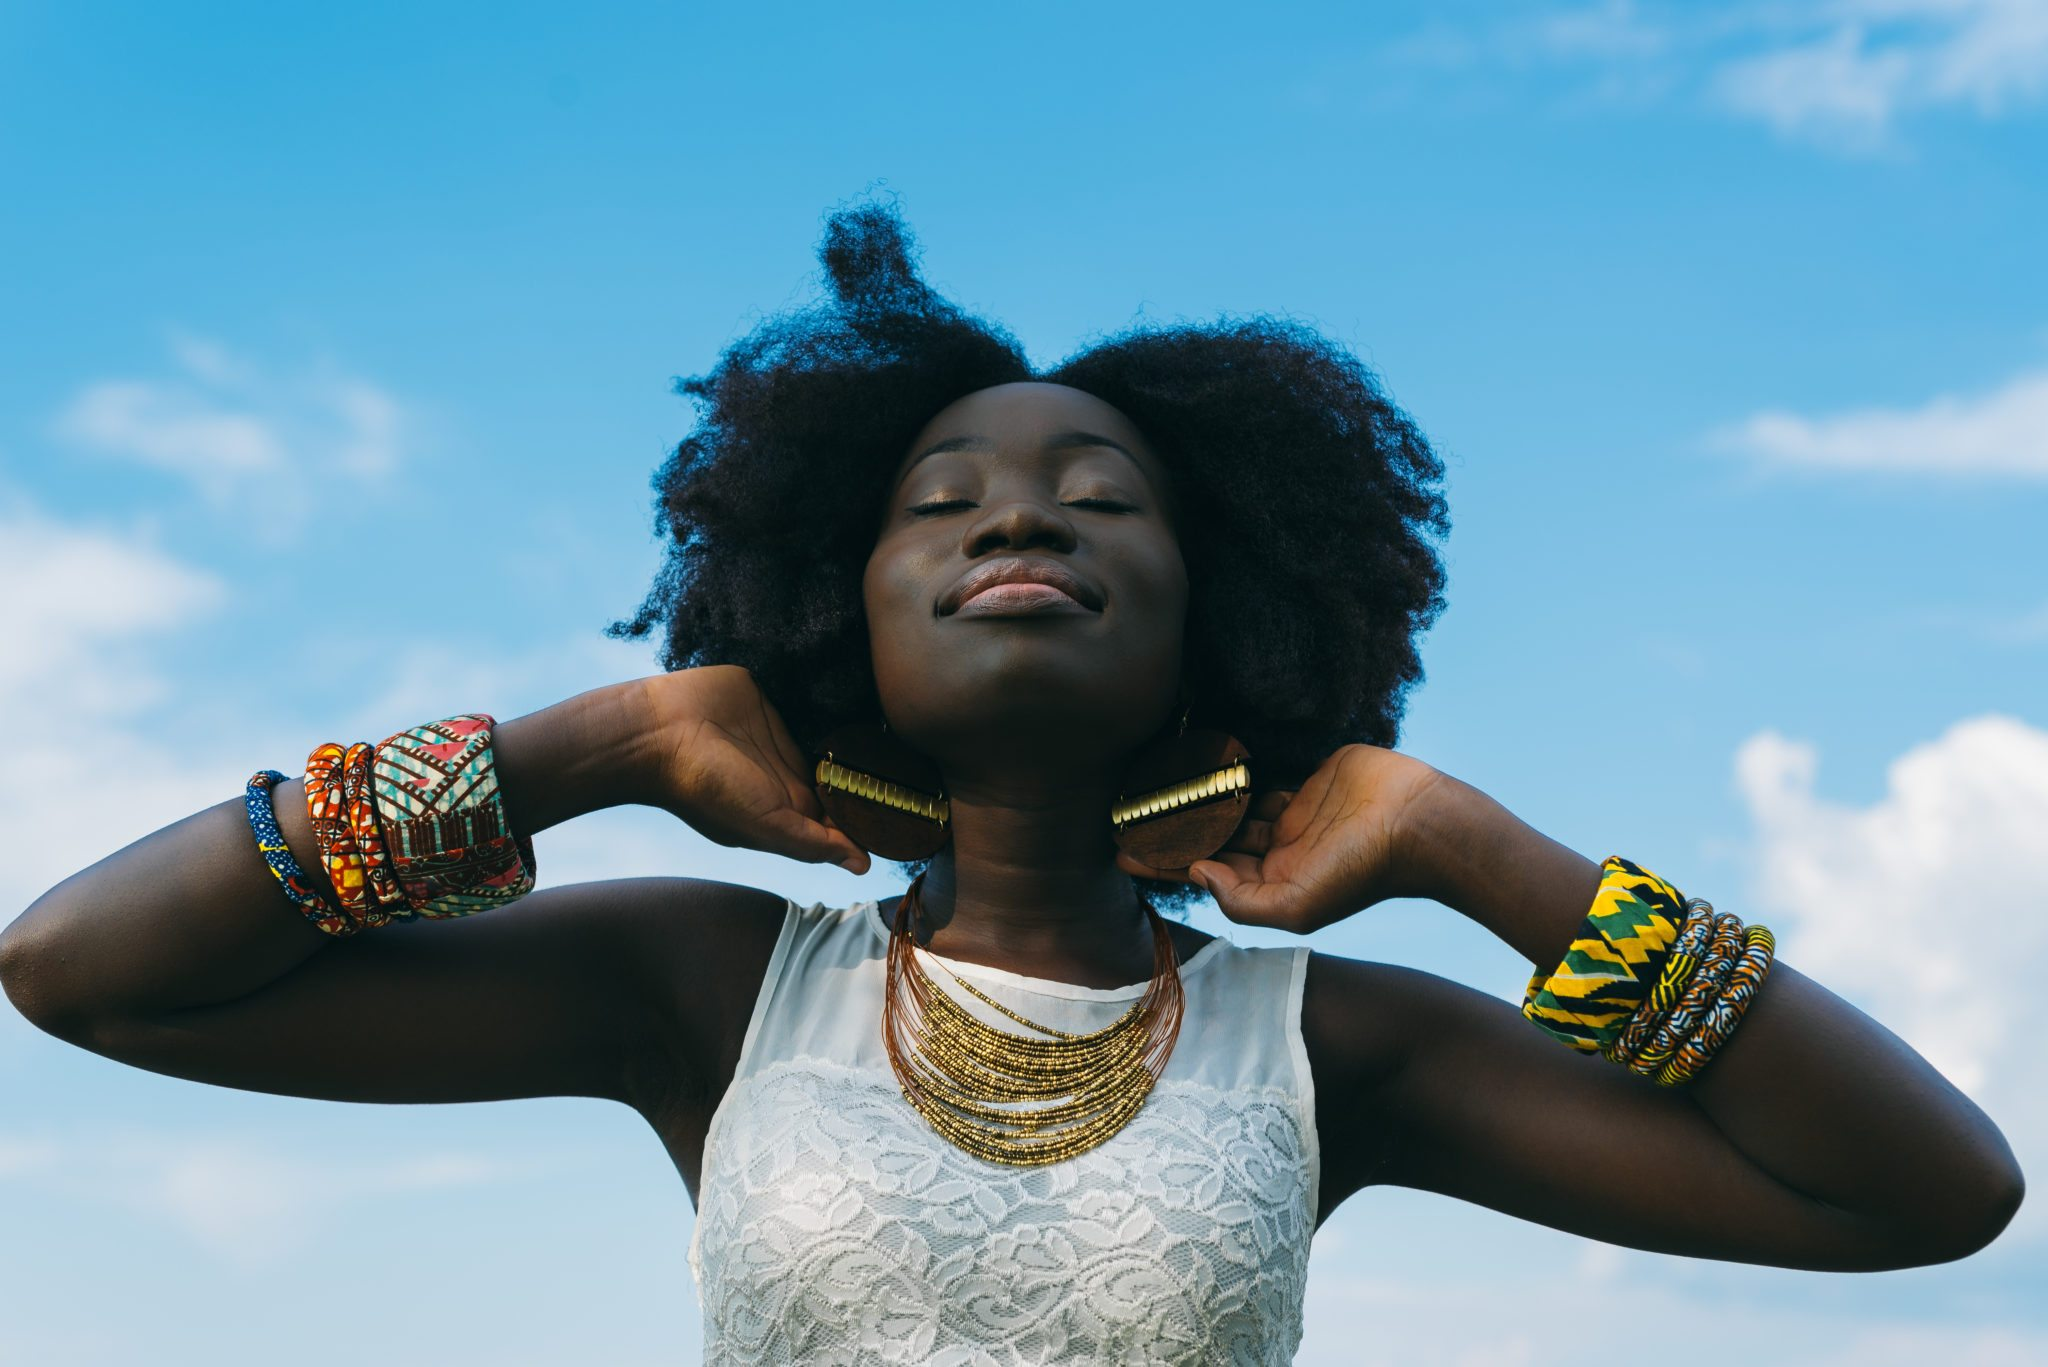 Schwarze Frauenfotos Teenager nimmt einen dicken Schwanz